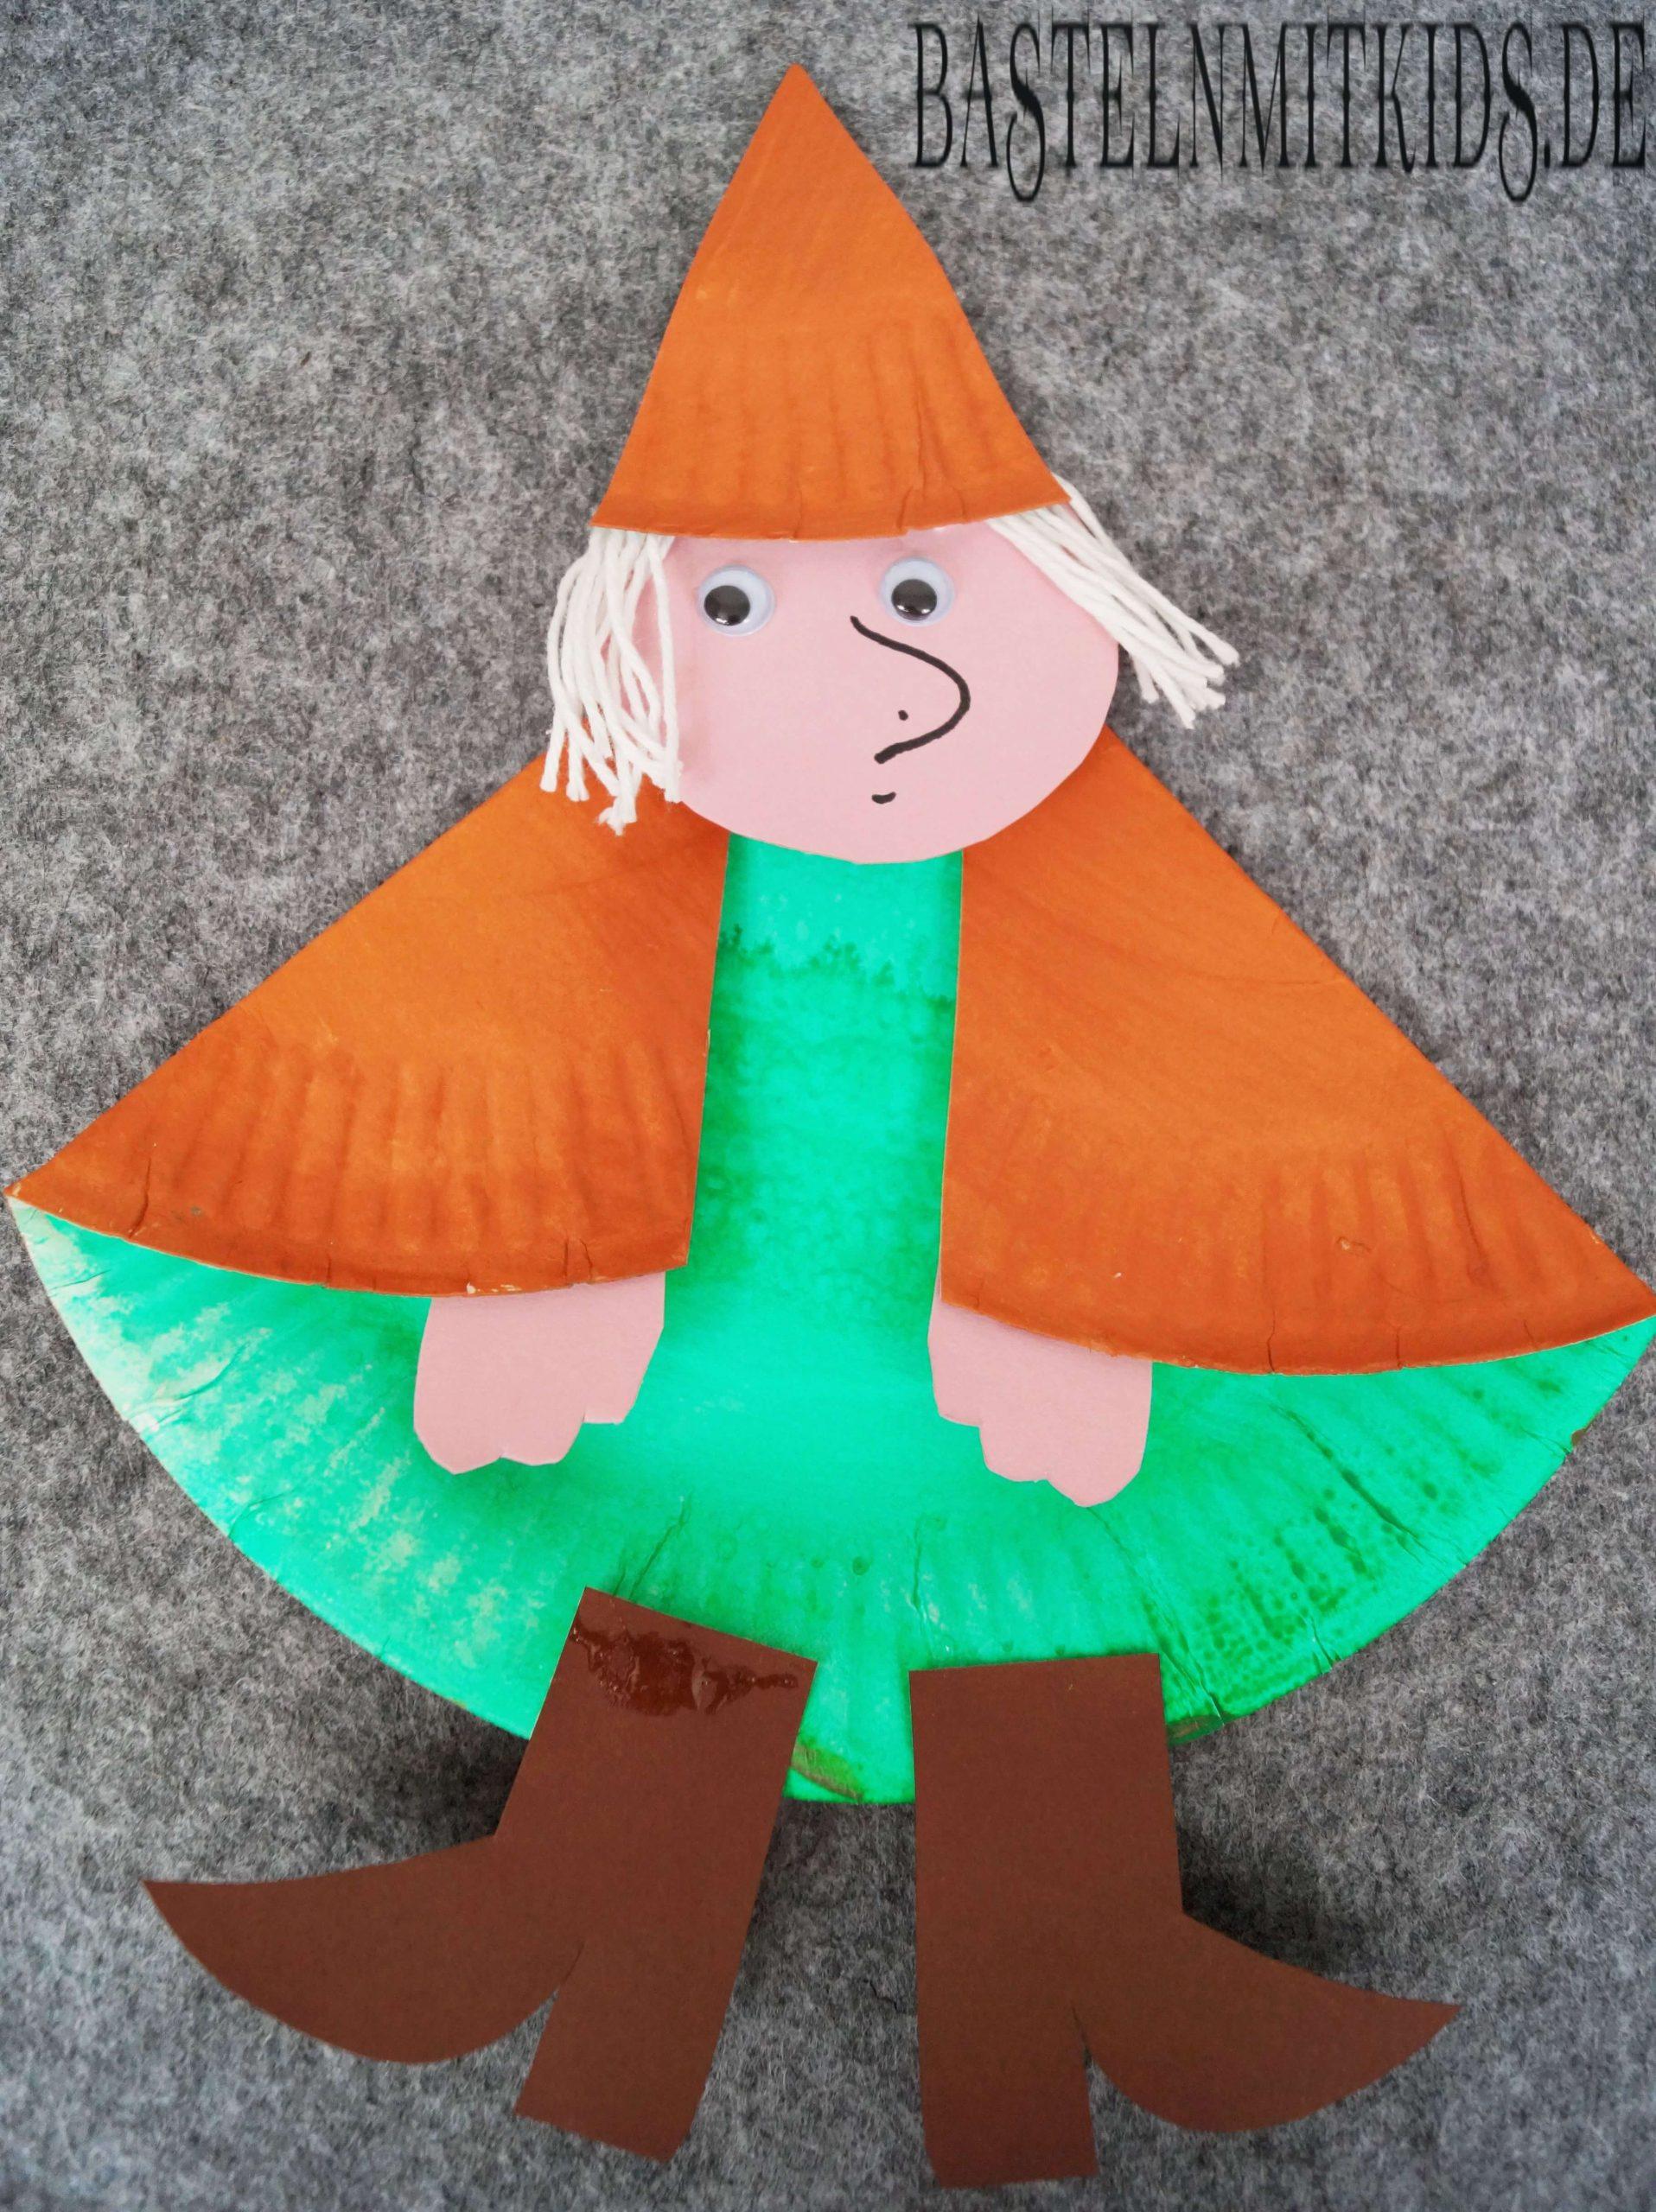 Hexe Basteln Für Halloween - Basteln Mit Kindern Und verwandt mit Bastelvorlage Hexe